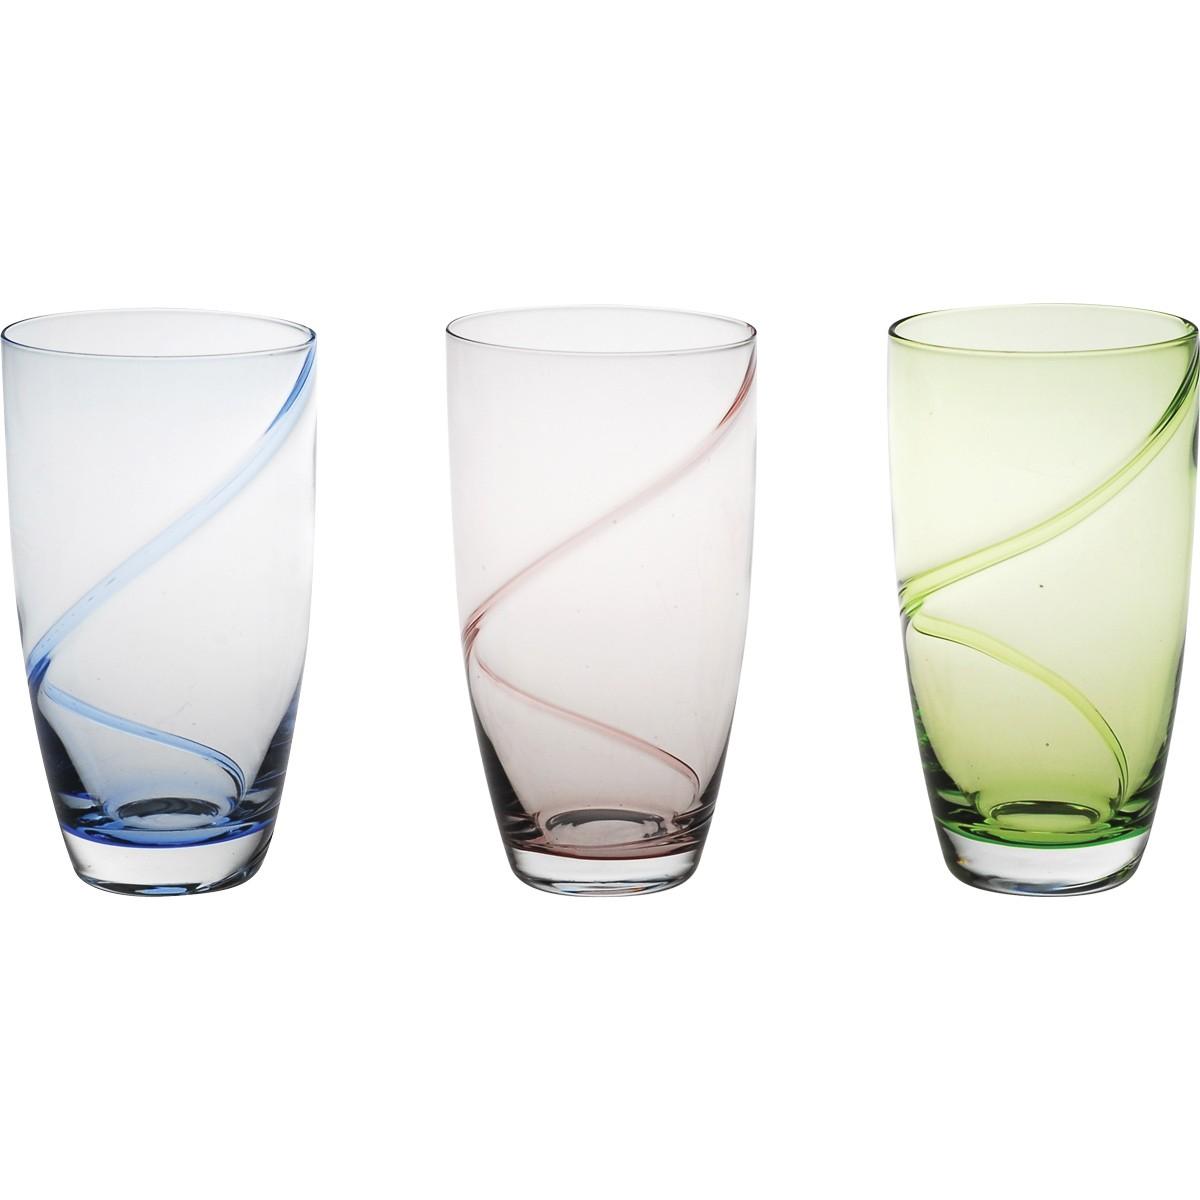 Ποτήρια Νερού (Σετ 6τμχ) Home Design SXI9169 54858